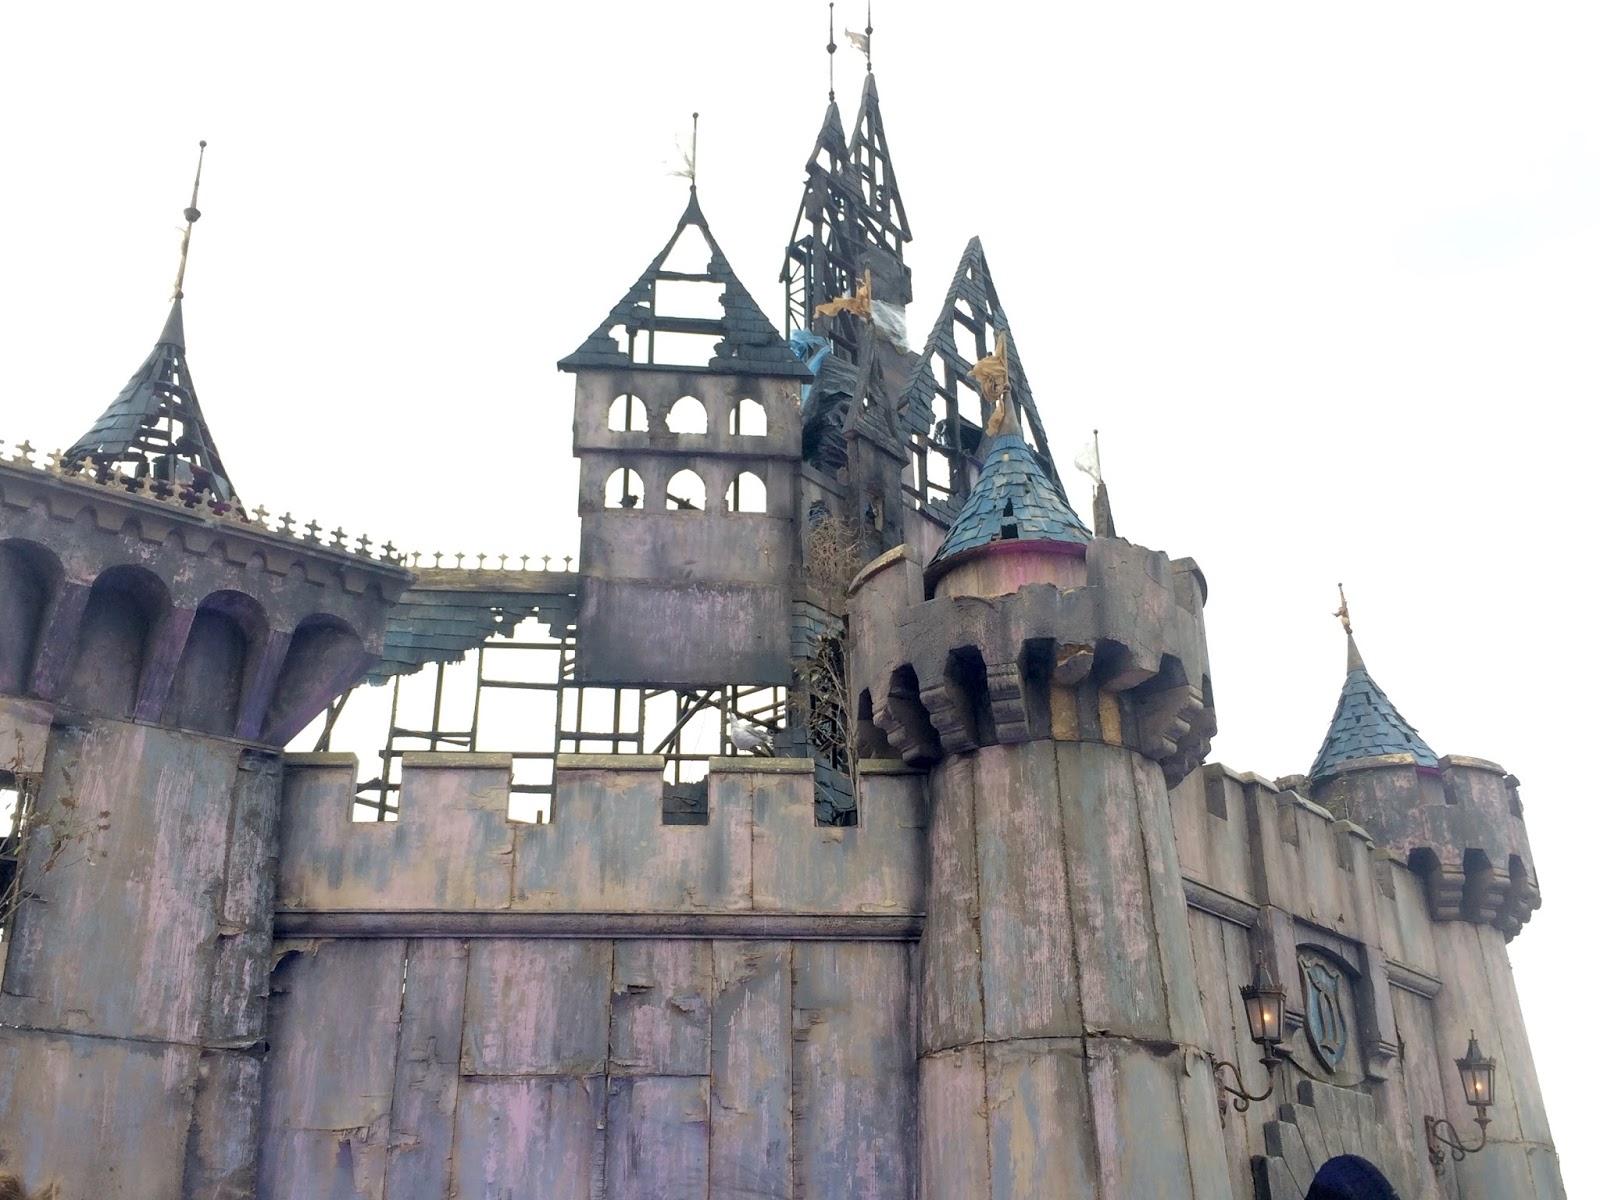 Banksy Dismaland Fairytale Castle